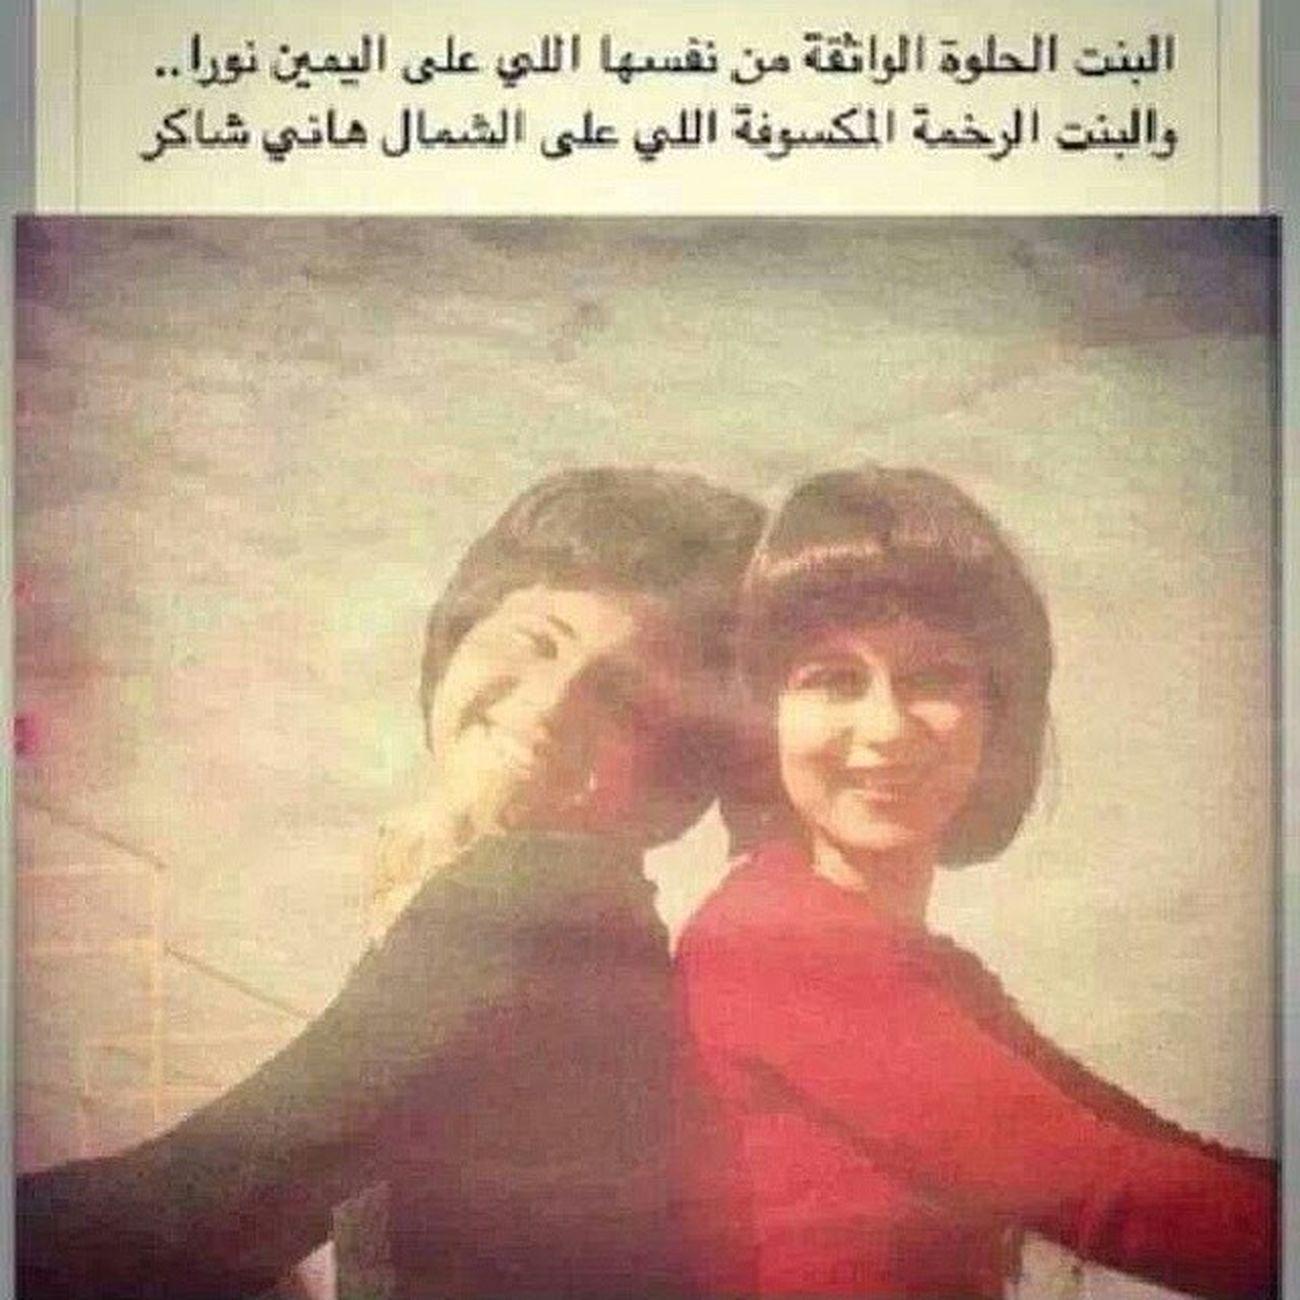 Hahahahahahaha!! Retro HanyShaker